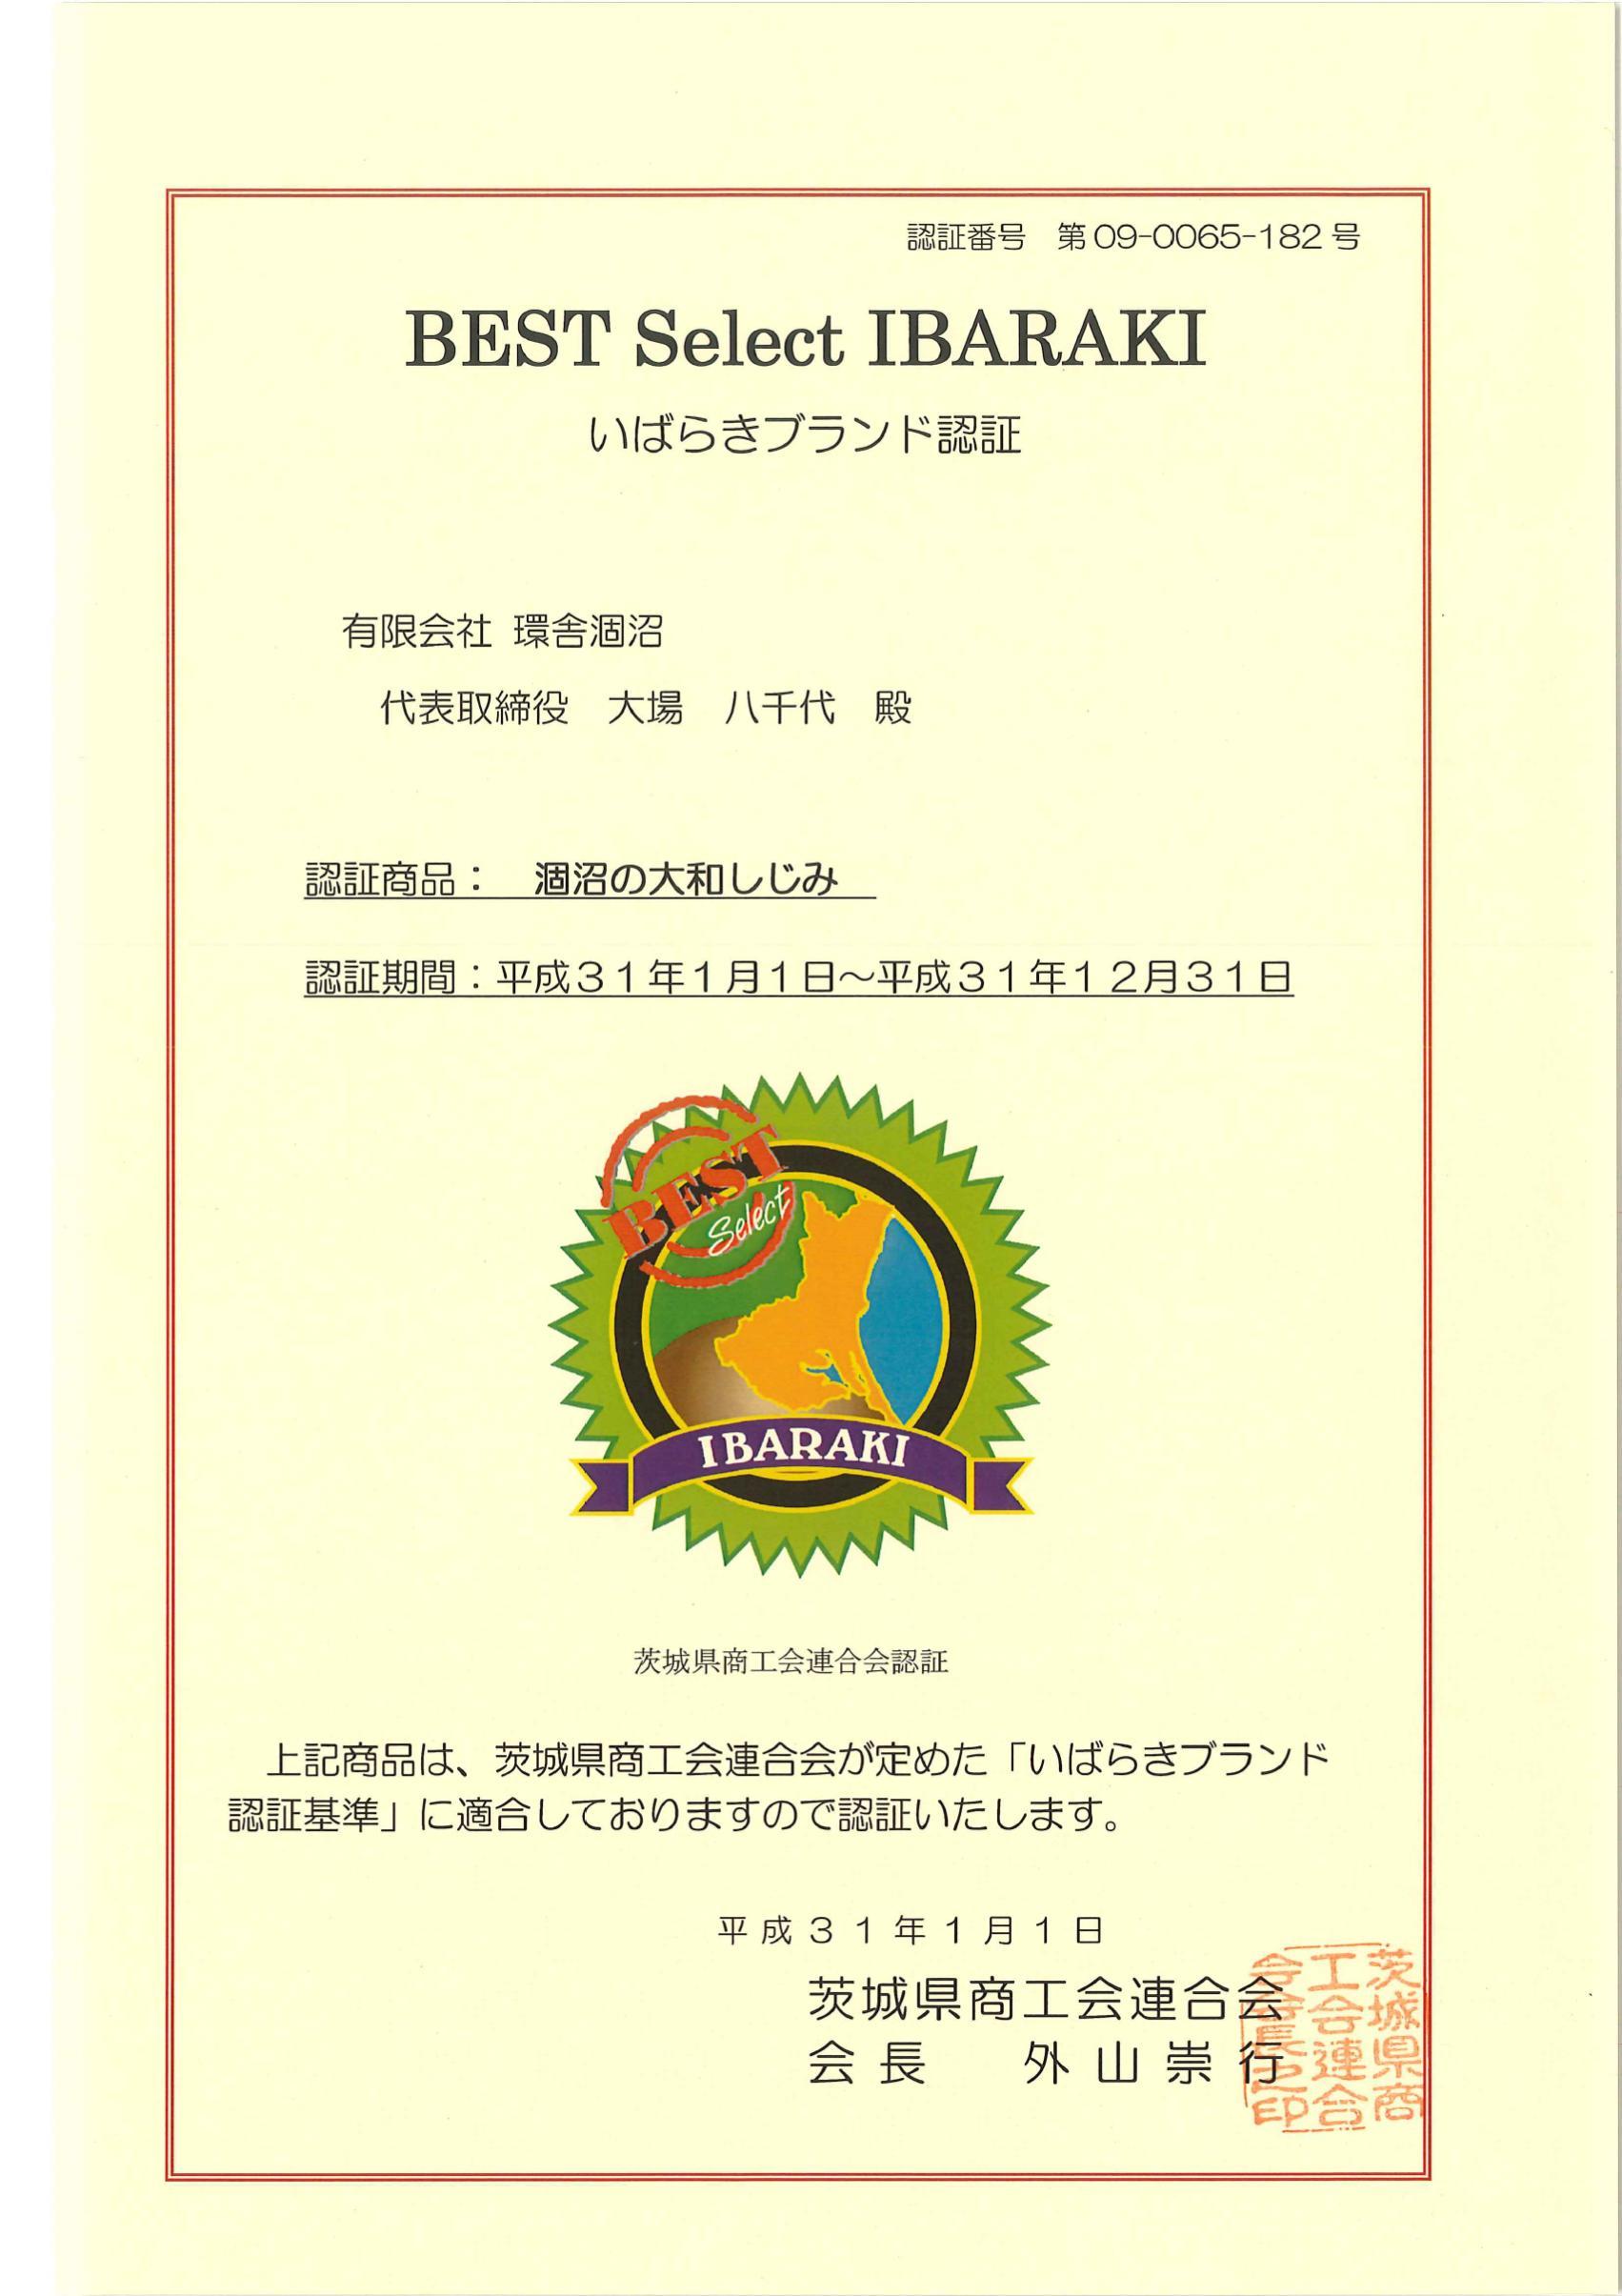 いばらきブランド認証2019